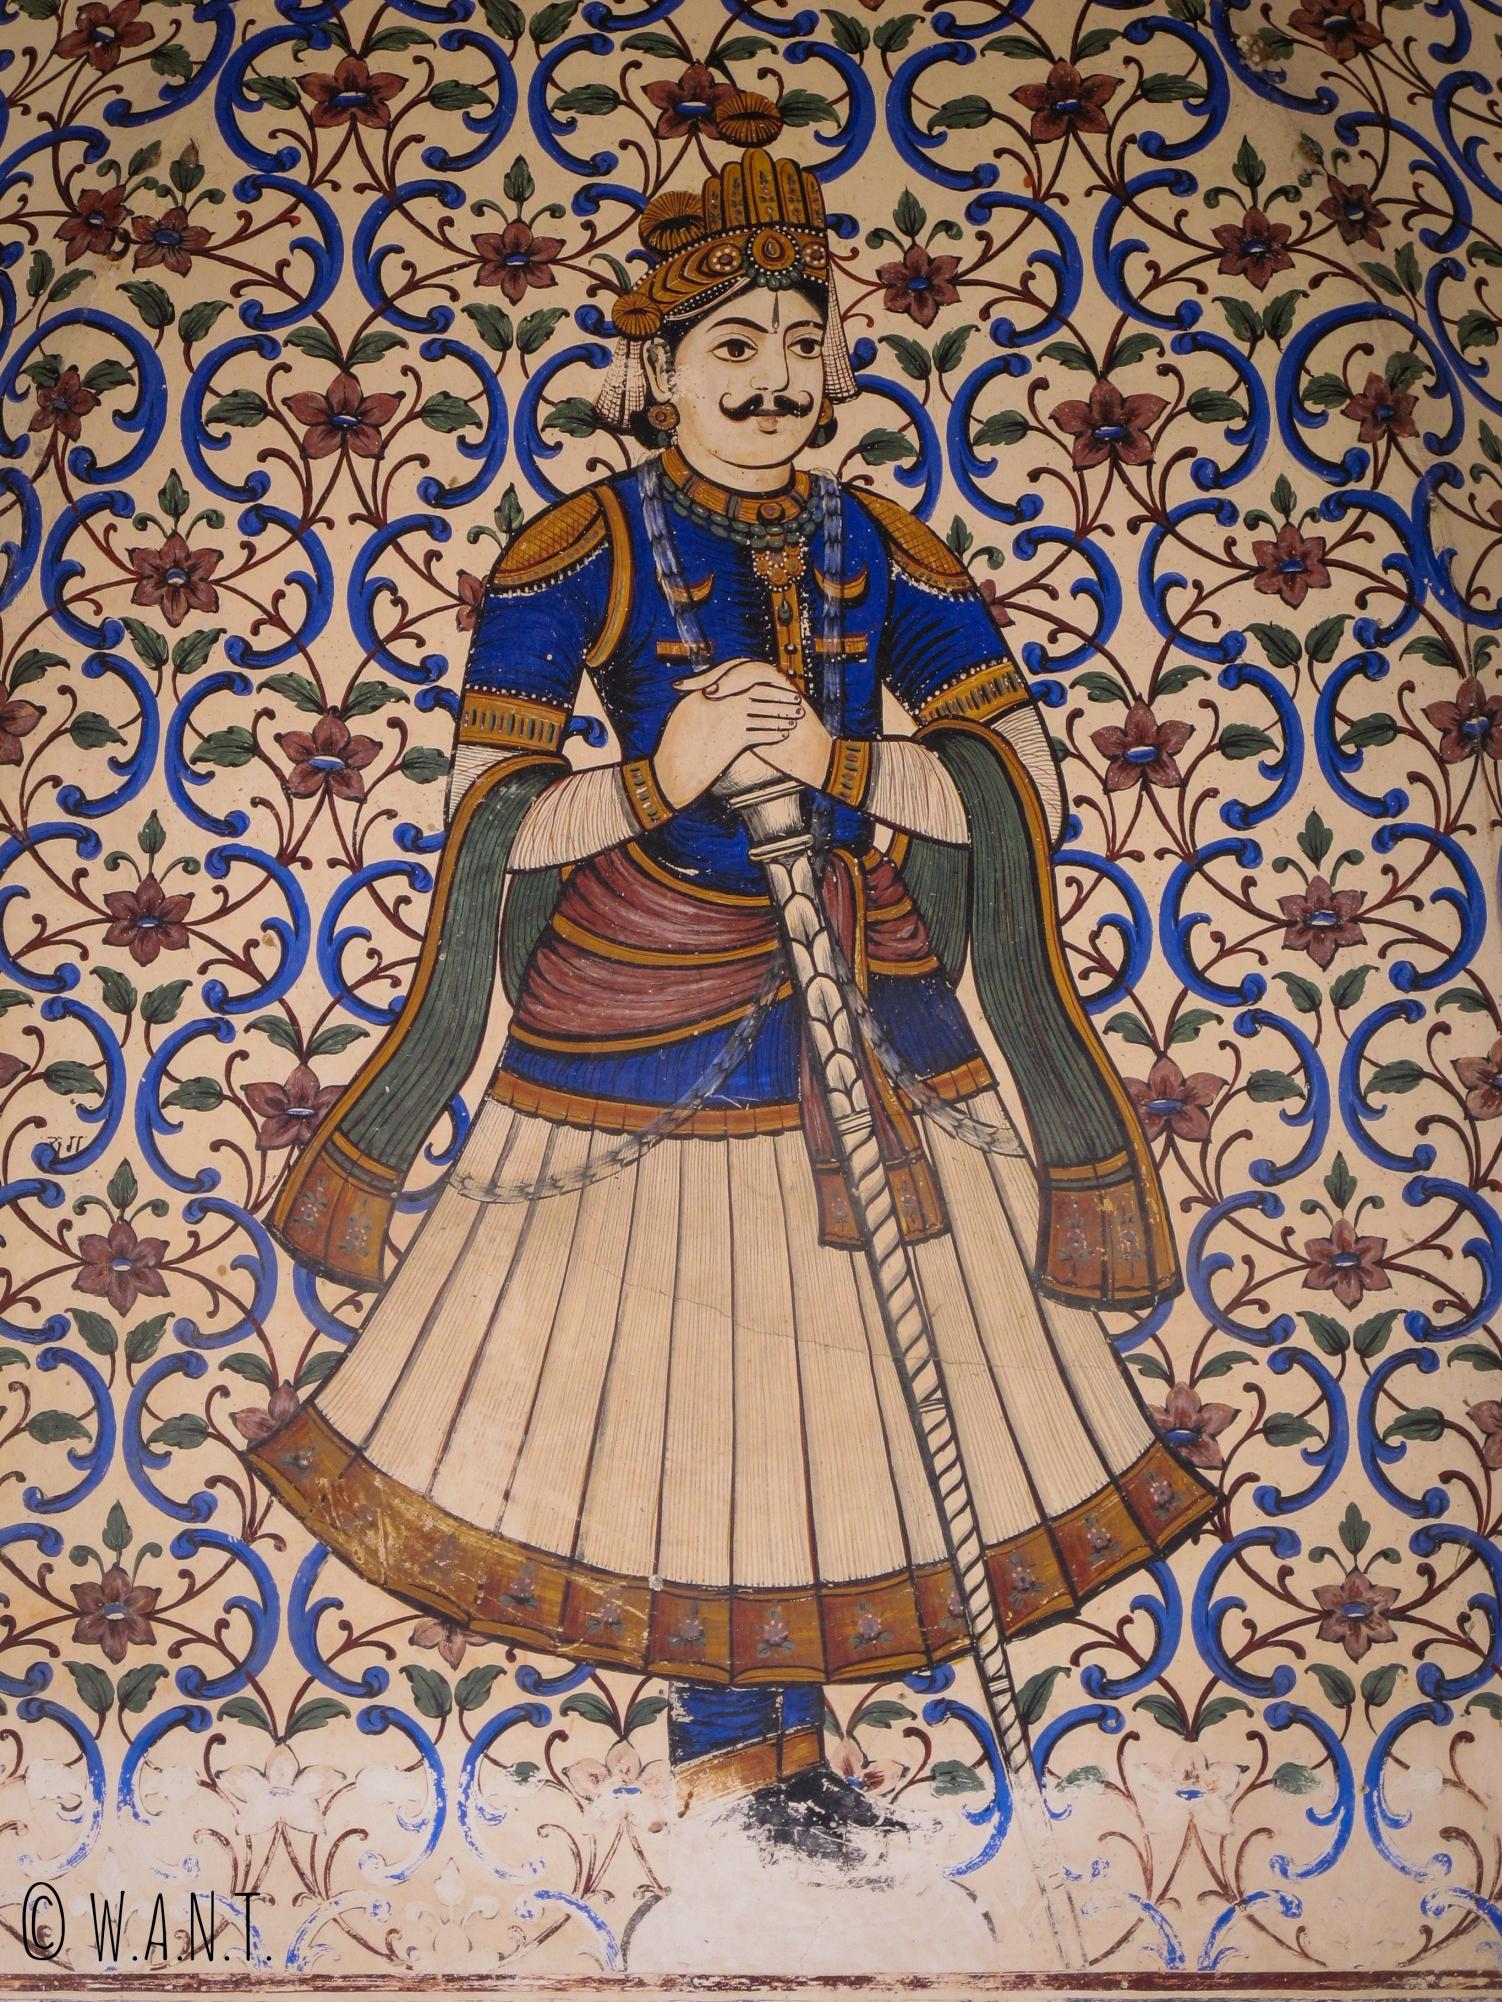 L'entrée du City Palace de Jaipur est ornée de mozaïques diverses et colorées